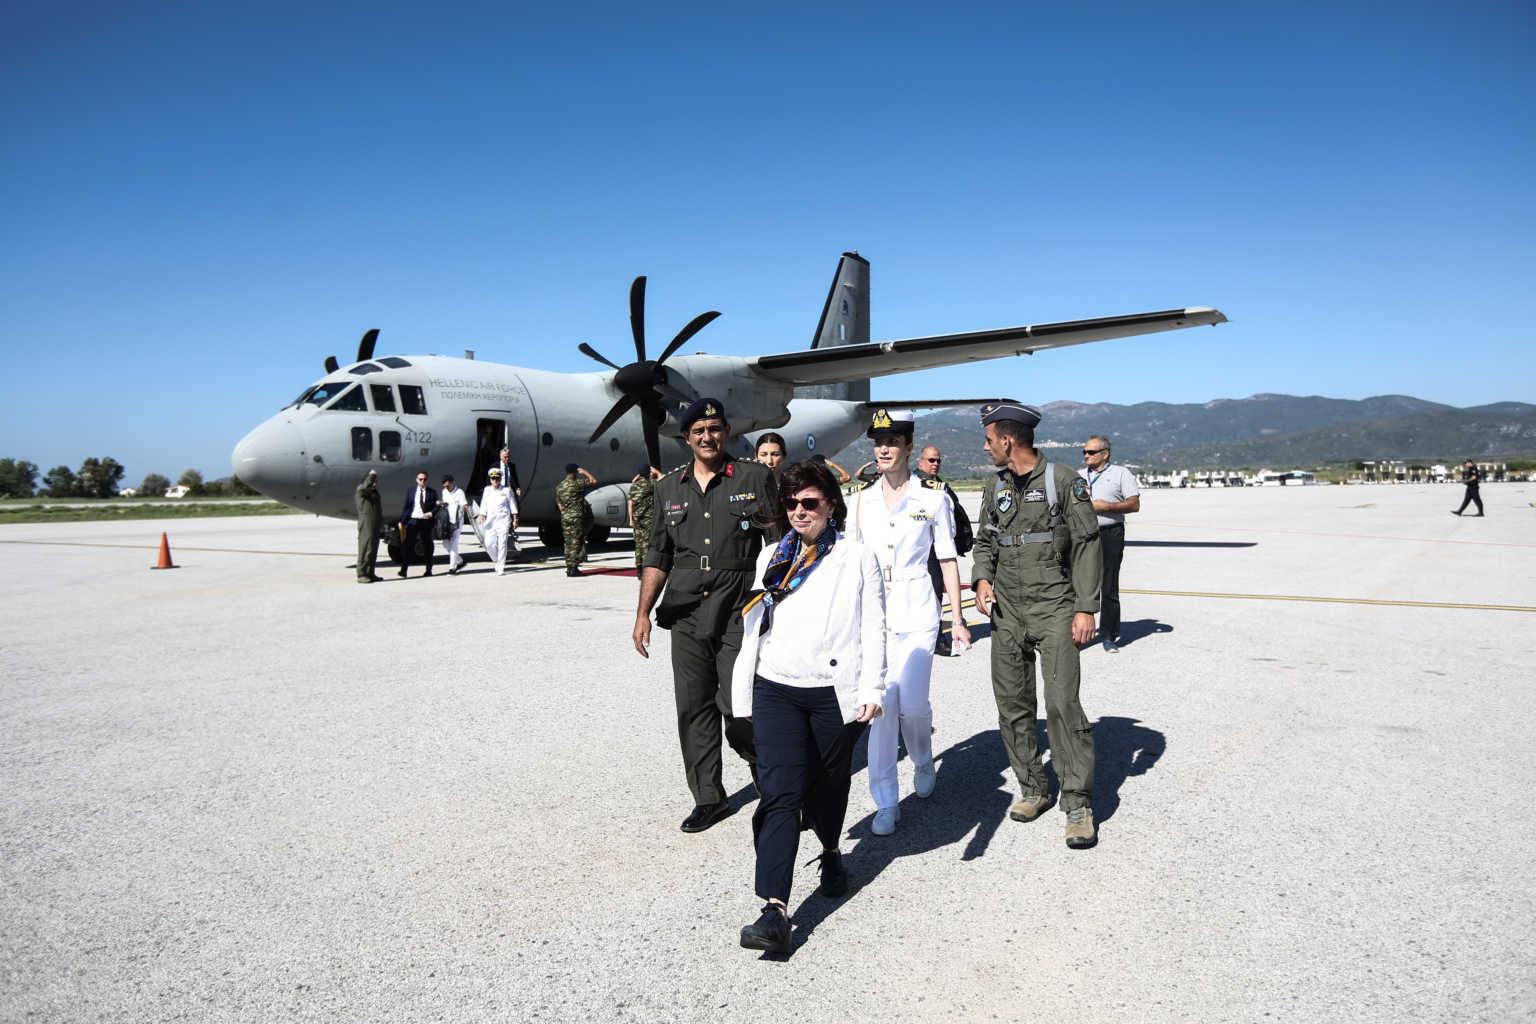 Στο Καστελόριζο η Πρόεδρος της Δημοκρατίας, Κατερίνα Σακελλαροπούλου